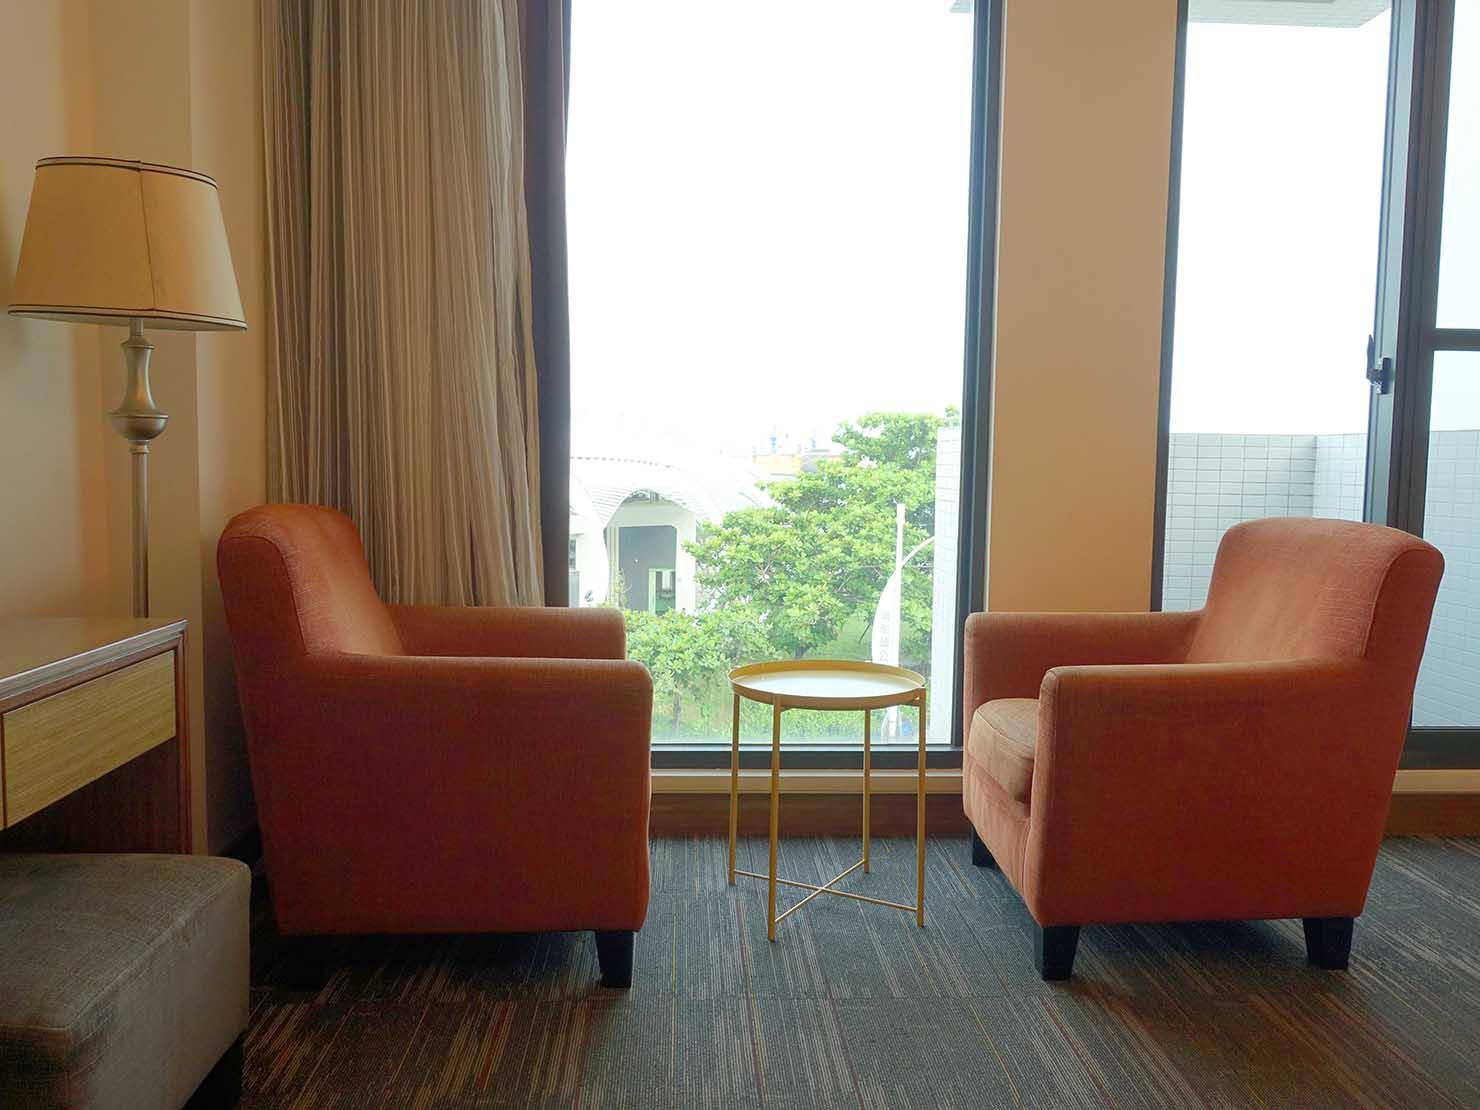 高雄・西子灣の港に立つ海辺のホテル「碧港良居 Watermark Hotel」海景豪華房のソファ